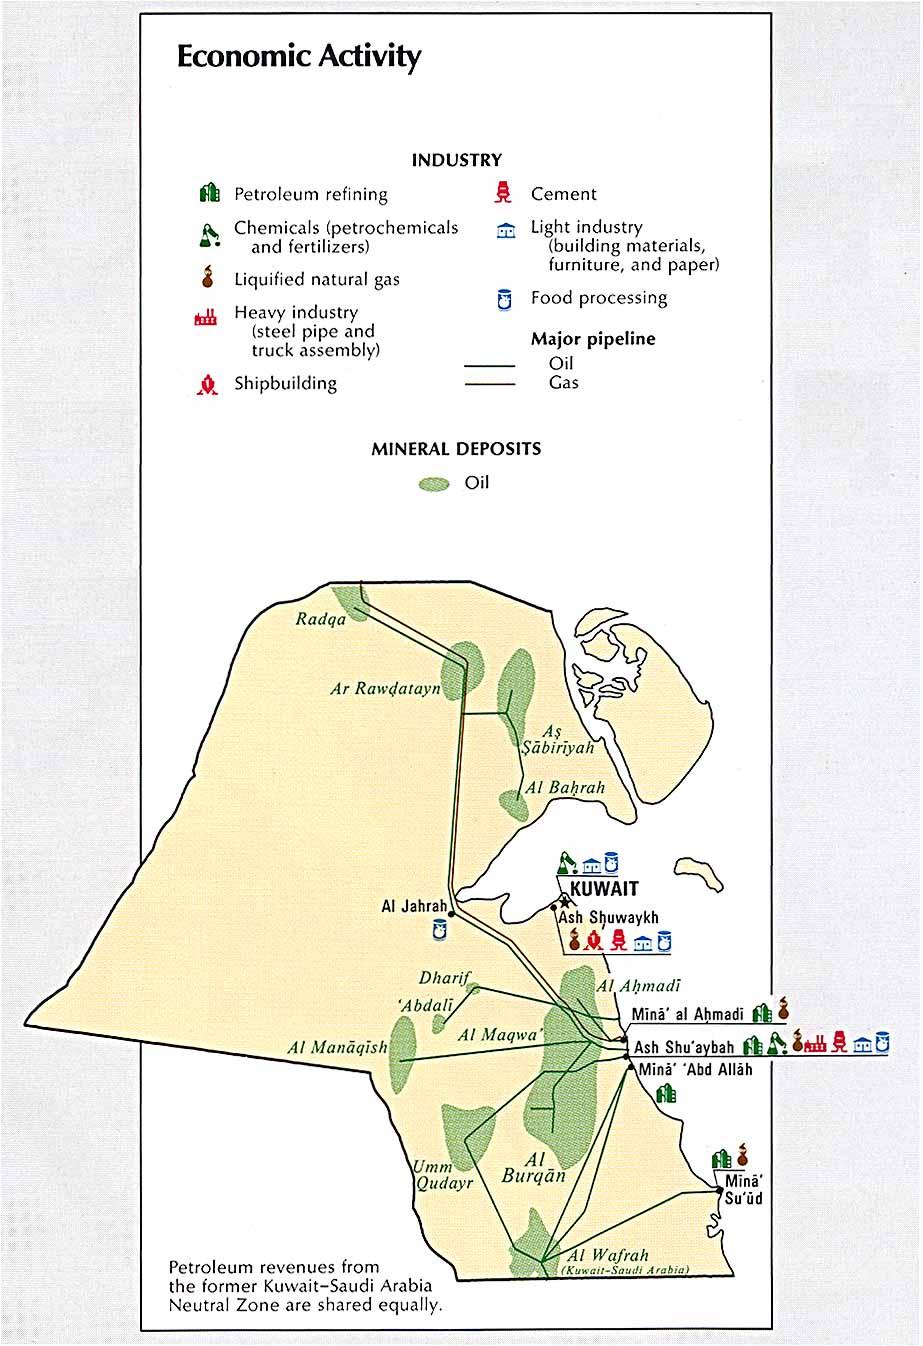 Map of Kuwait http://www.lib.utexas.edu/maps/atlas_middle_east/kuwait_econ.jpg